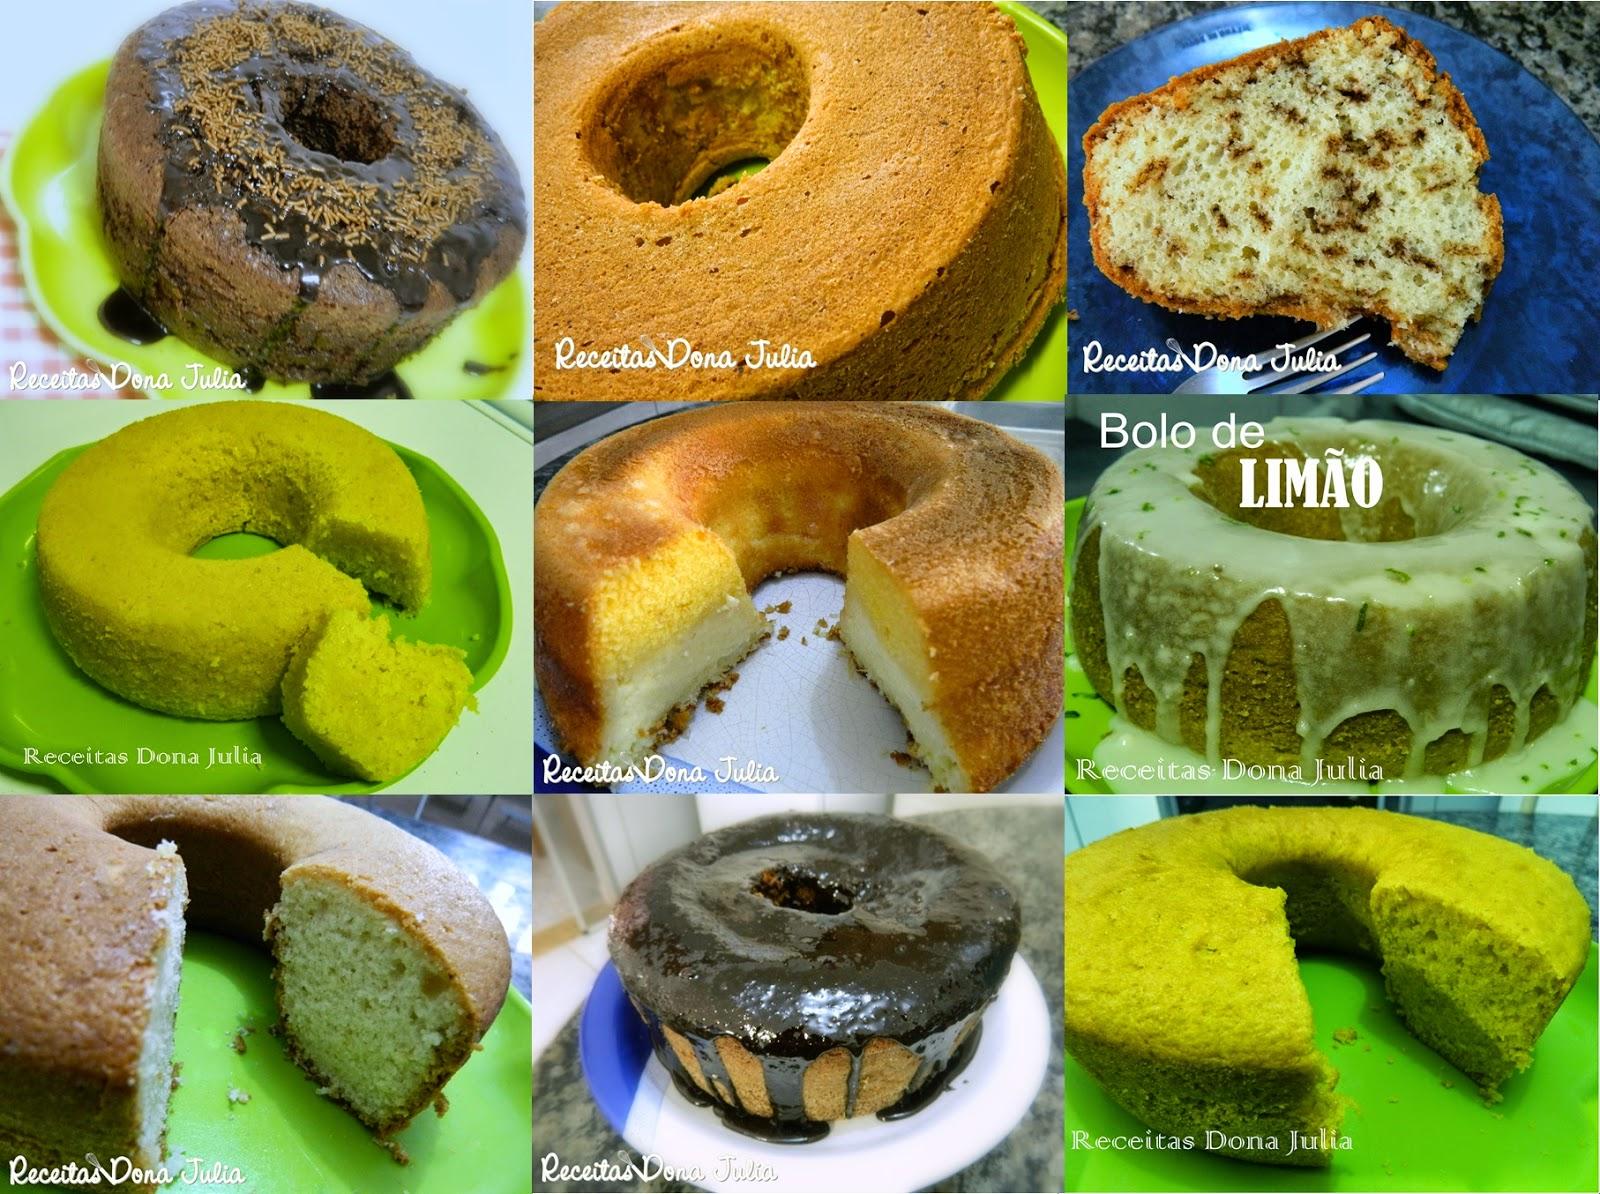 Seleção de bolos caseiros